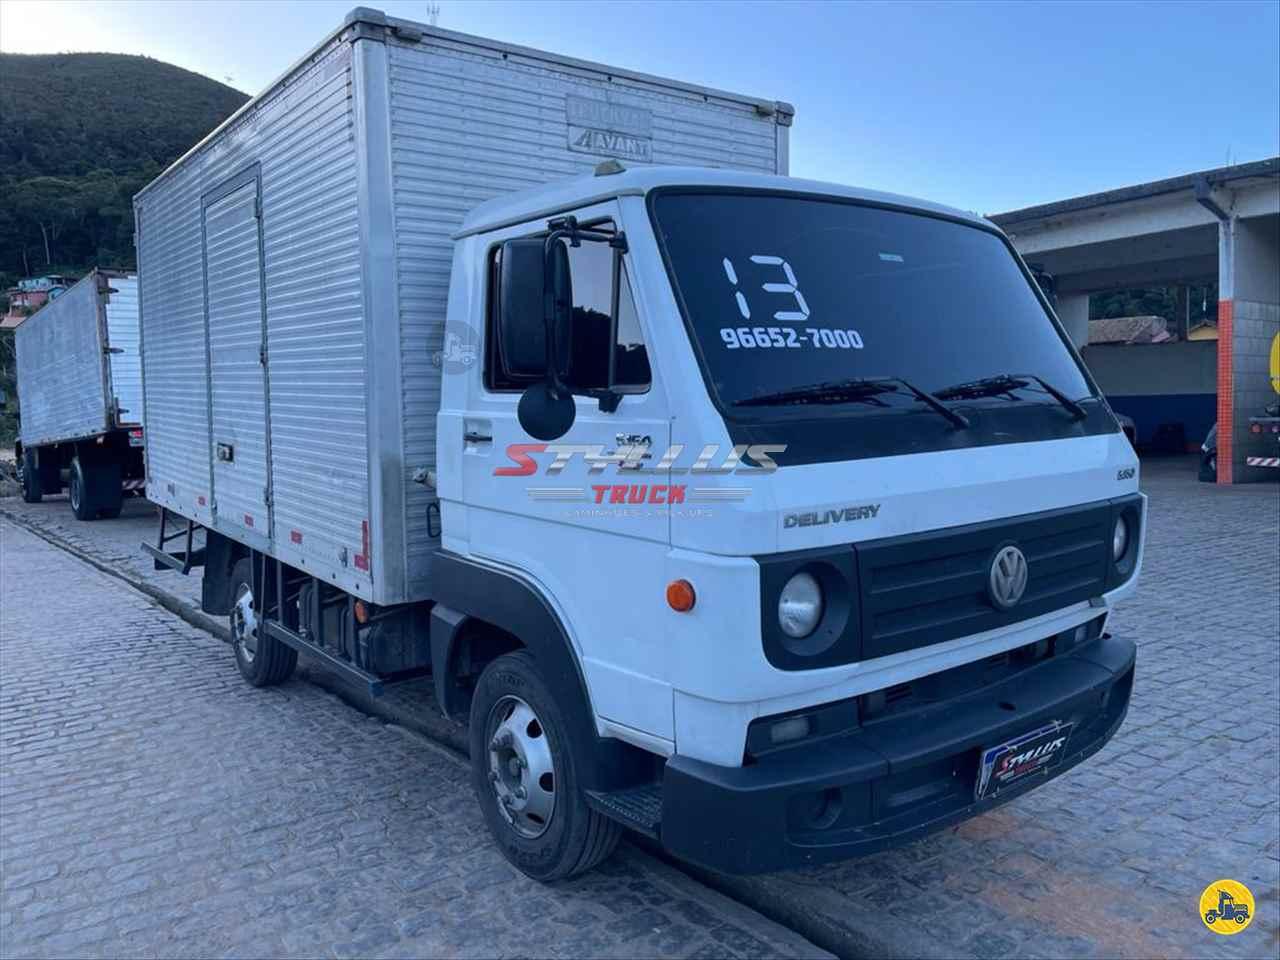 CAMINHAO VOLKSWAGEN VW 5150 Baú Furgão 3/4 4x2 Styllus Truck TERESOPOLIS RIO DE JANEIRO RJ